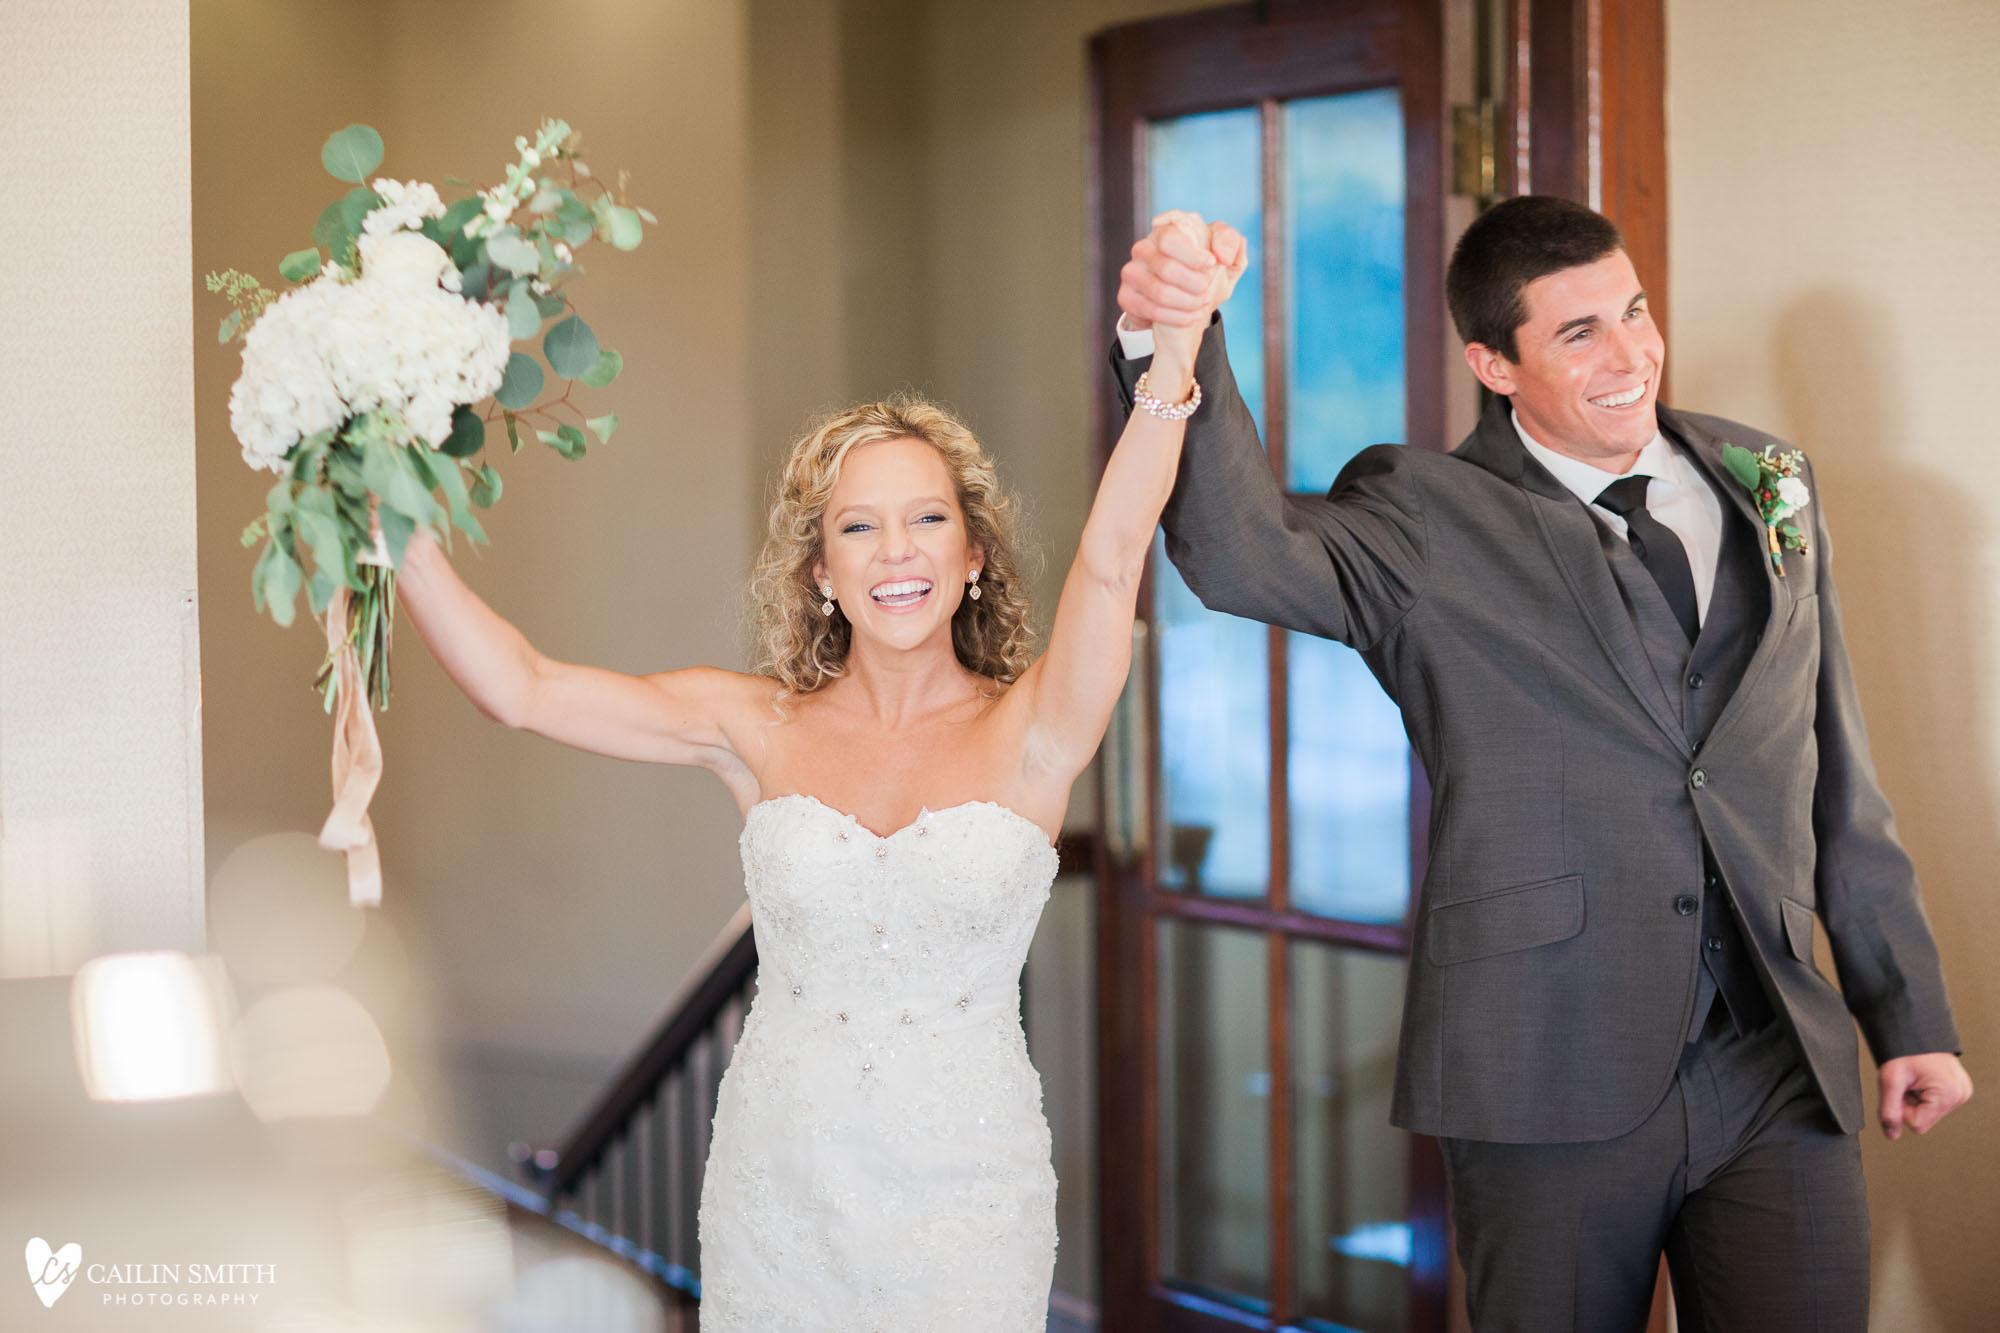 Leah_Major_St_Marys_Wedding_Photography_099.jpg